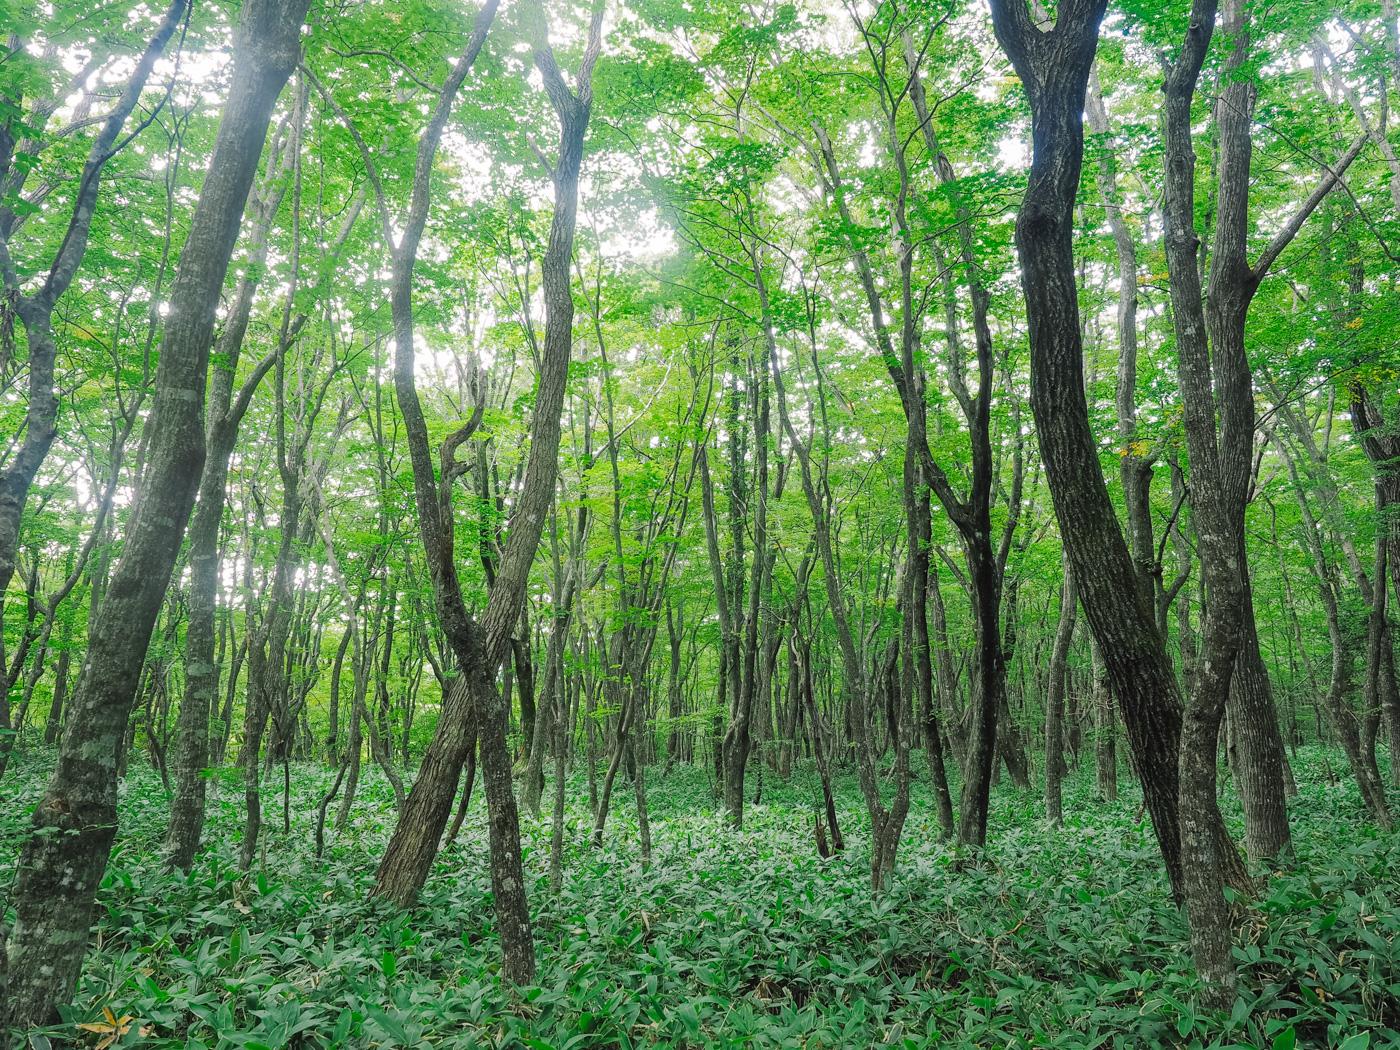 Korea - Mt Hallasan - Misty looking forest